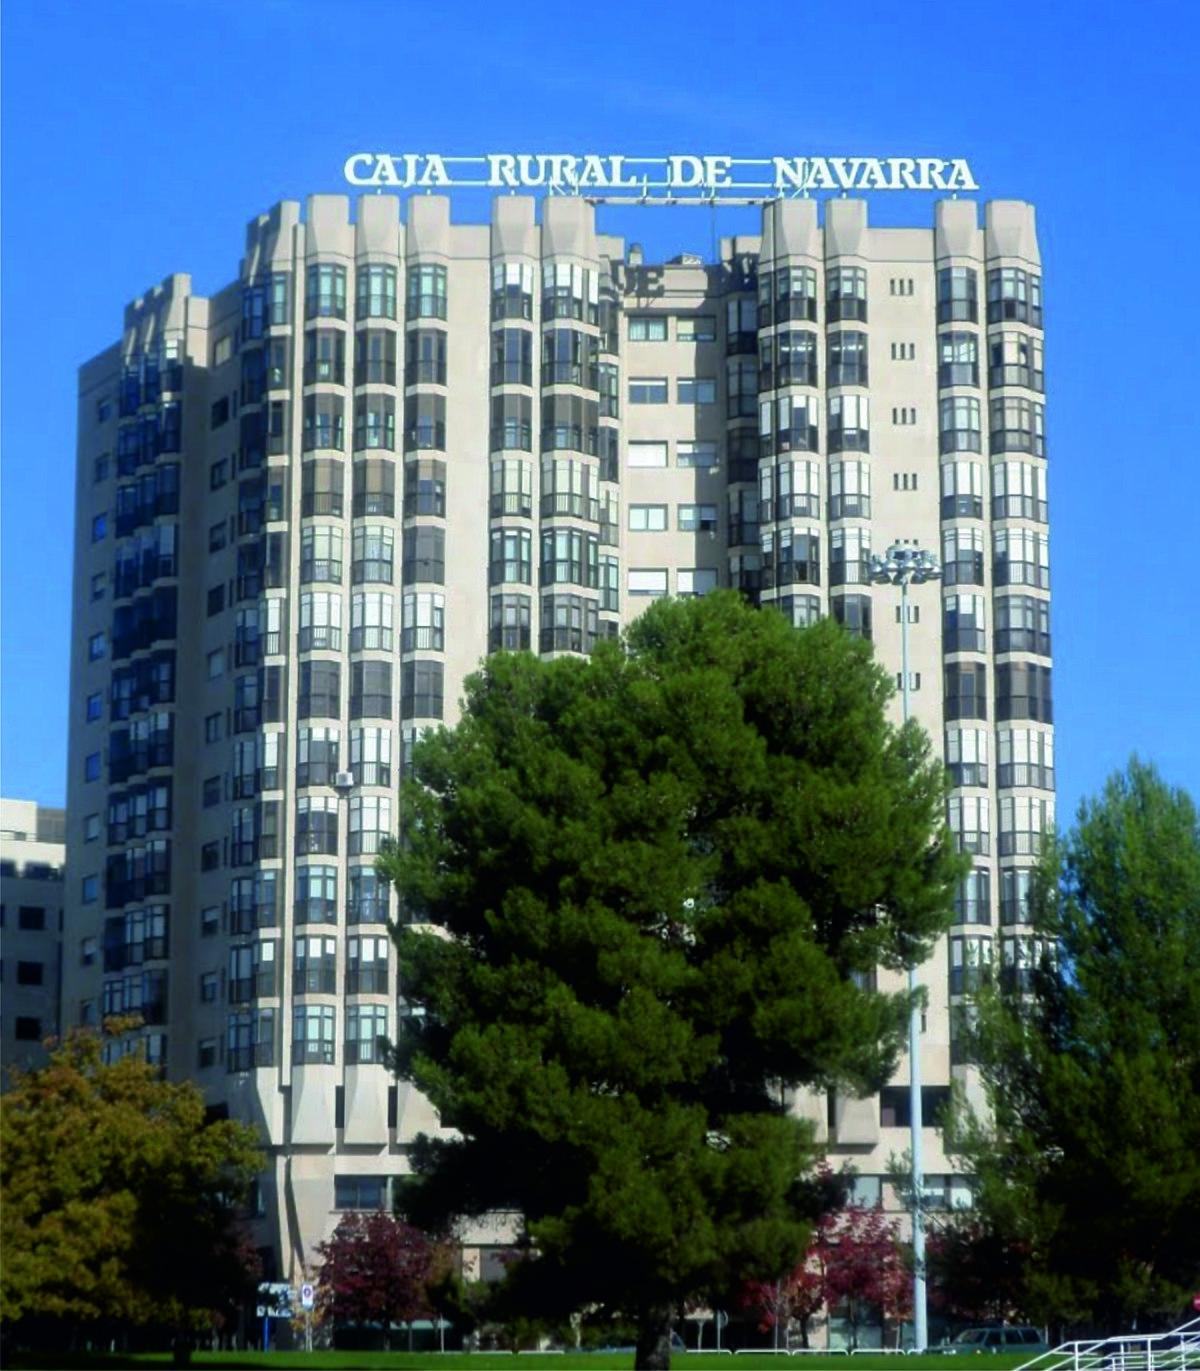 Caja rural de navarra wikipedia la enciclopedia libre for Caja rural de navarra oficinas